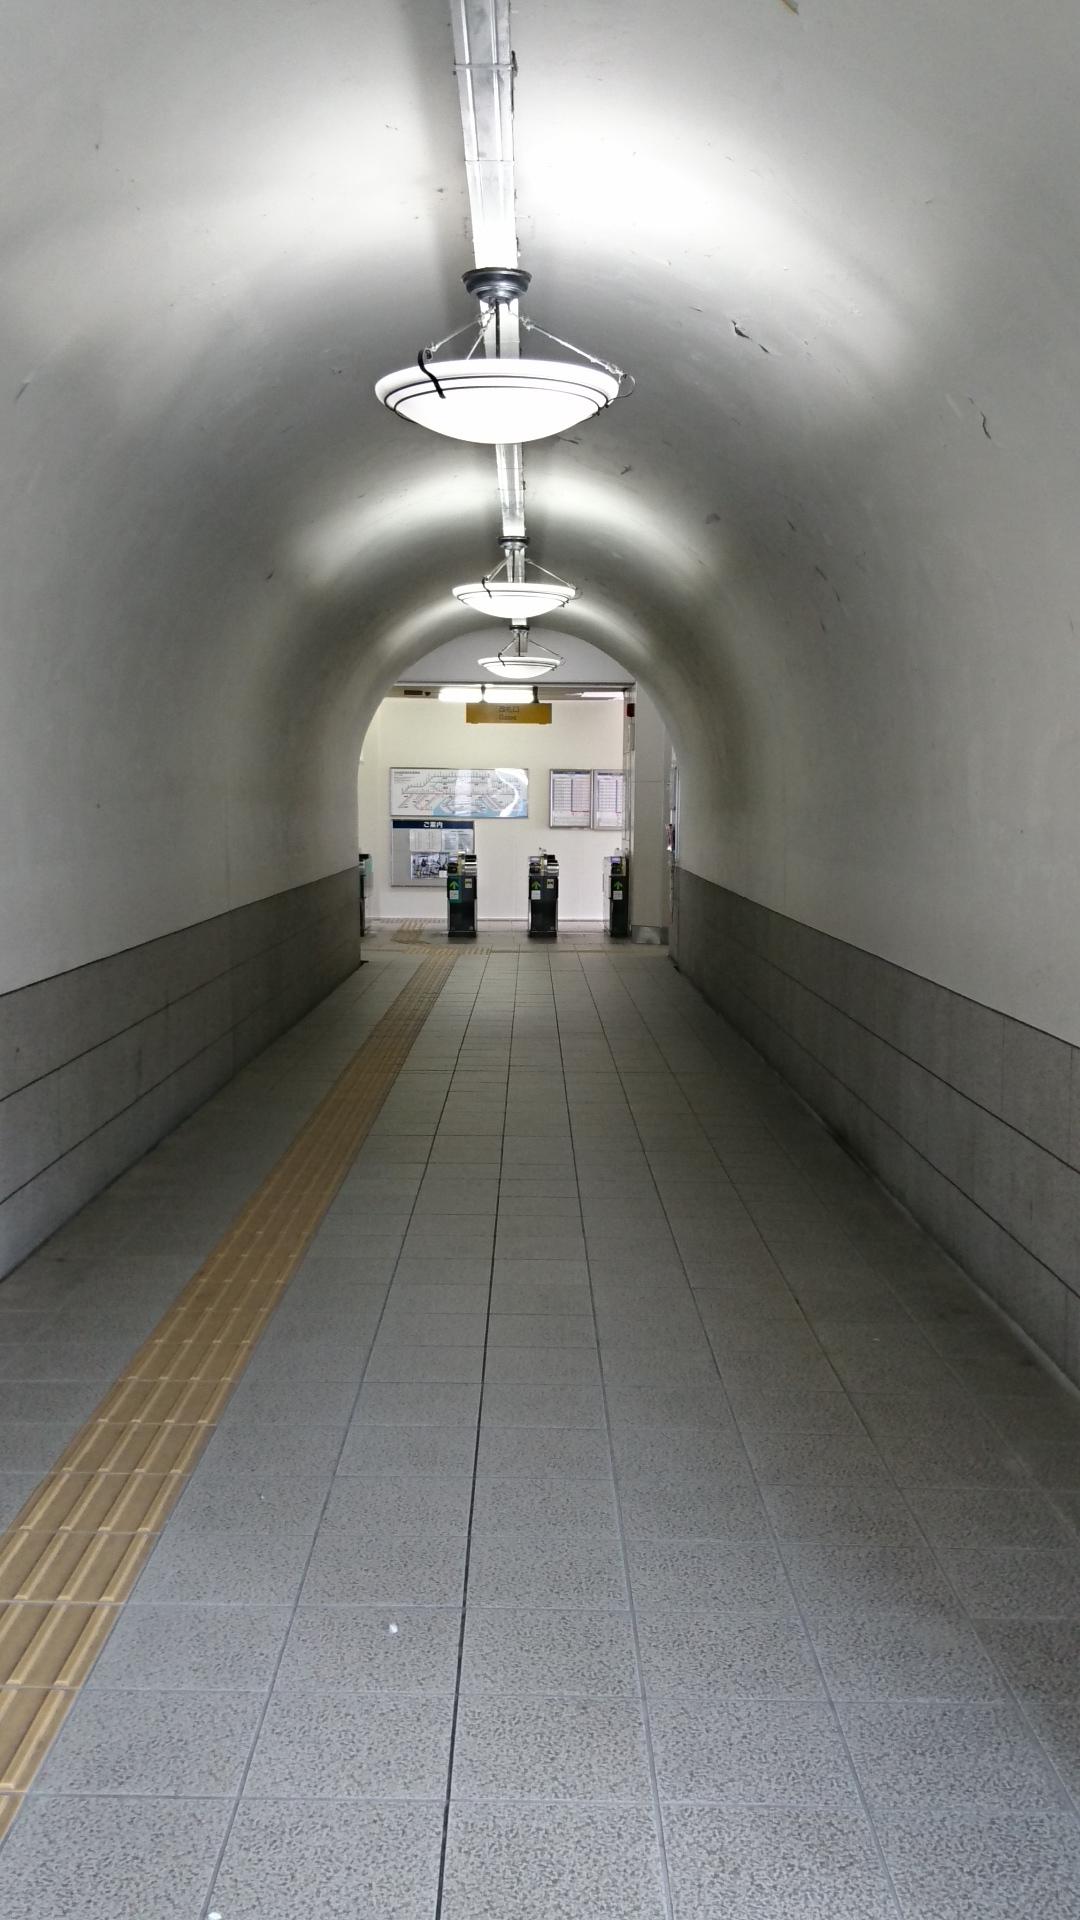 2016.10.19 西春まで (19) 東枇杷島 - どてした通路 1080-1920